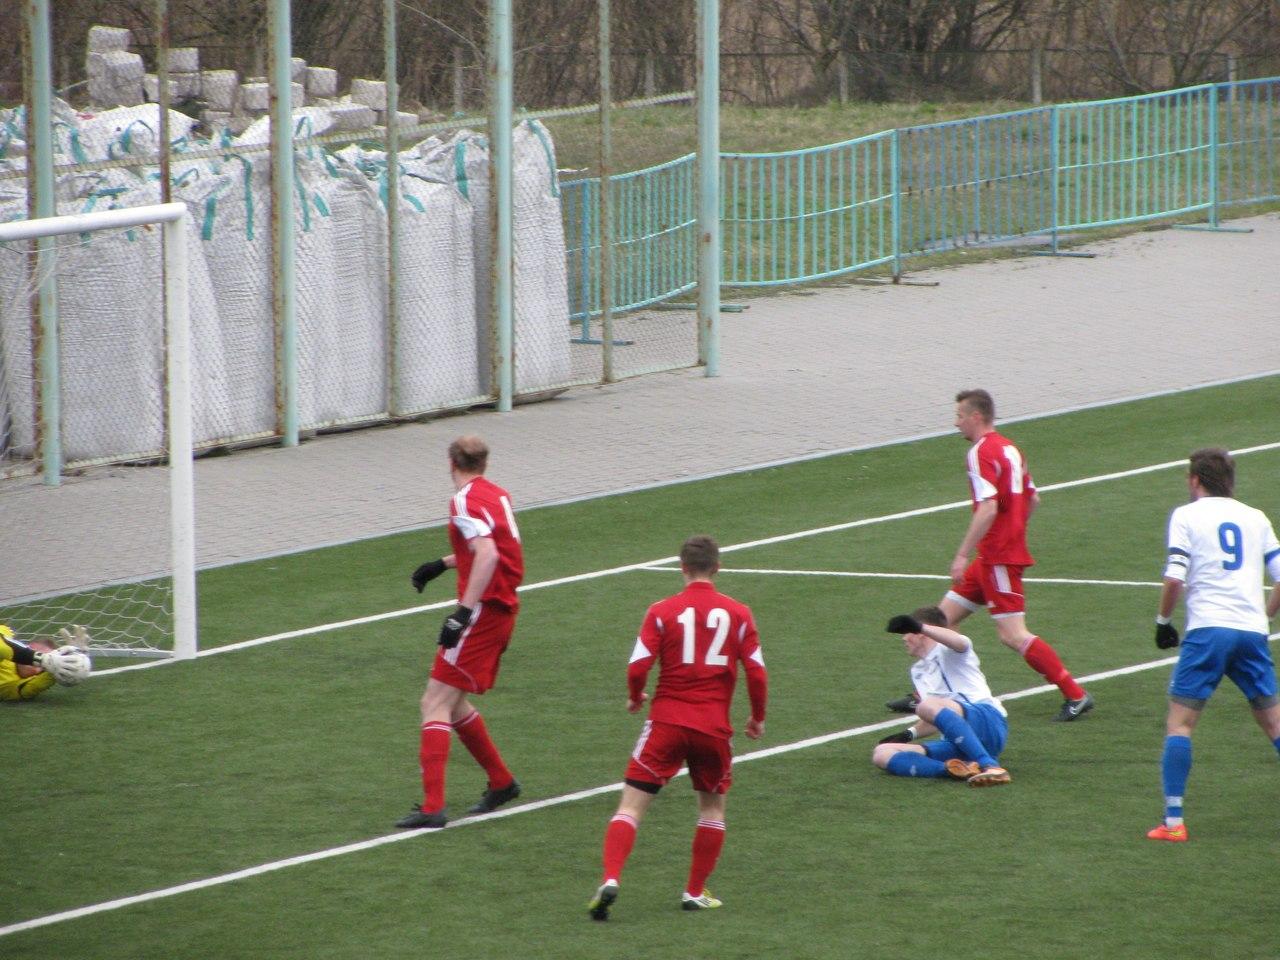 Дмитрий Тарасевич (слева) зафиксировал мяч после удара Юрия Мархеля (сидит на газоне). Фото: Дмитрий КУЗНЕЦОВ